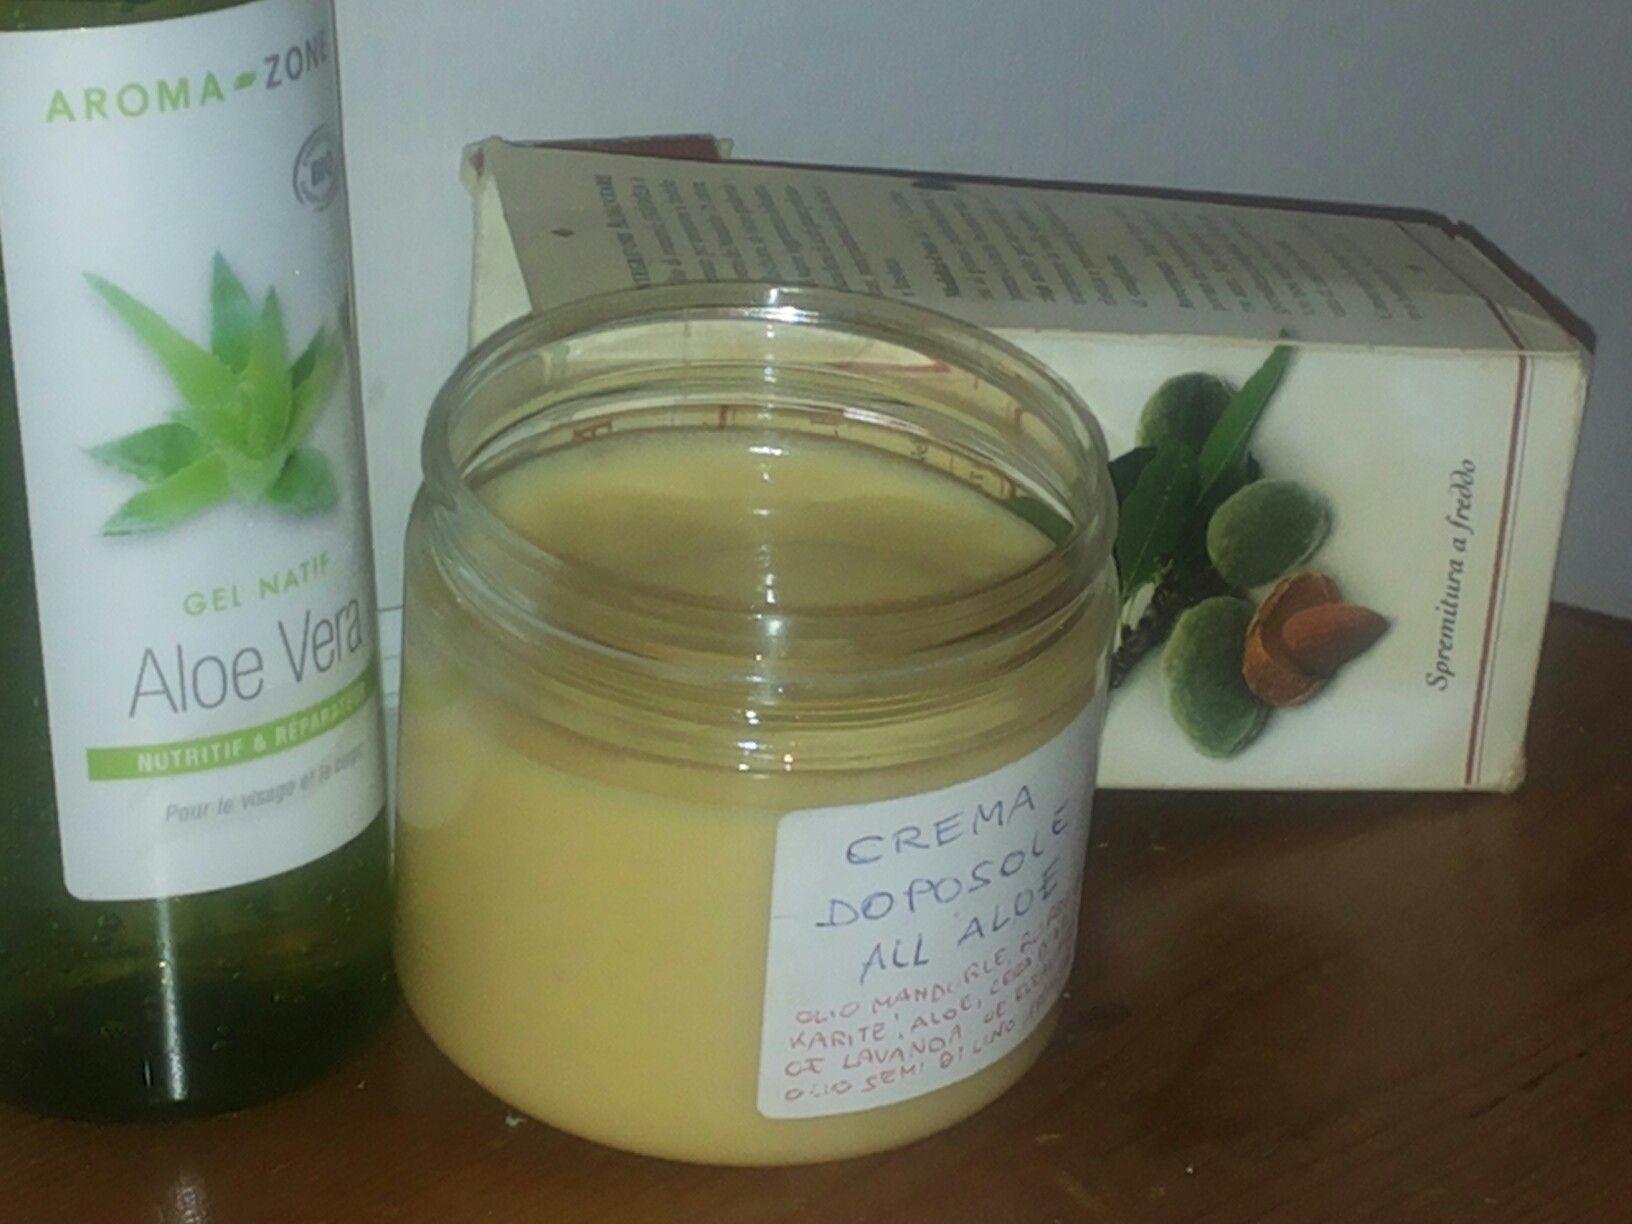 Autoproduzione naturale: crema doposole all'oleolito di lavanda, cera d'api, aloe, OE menta. Per ricetta:  vanessa_m74@yahoo.it